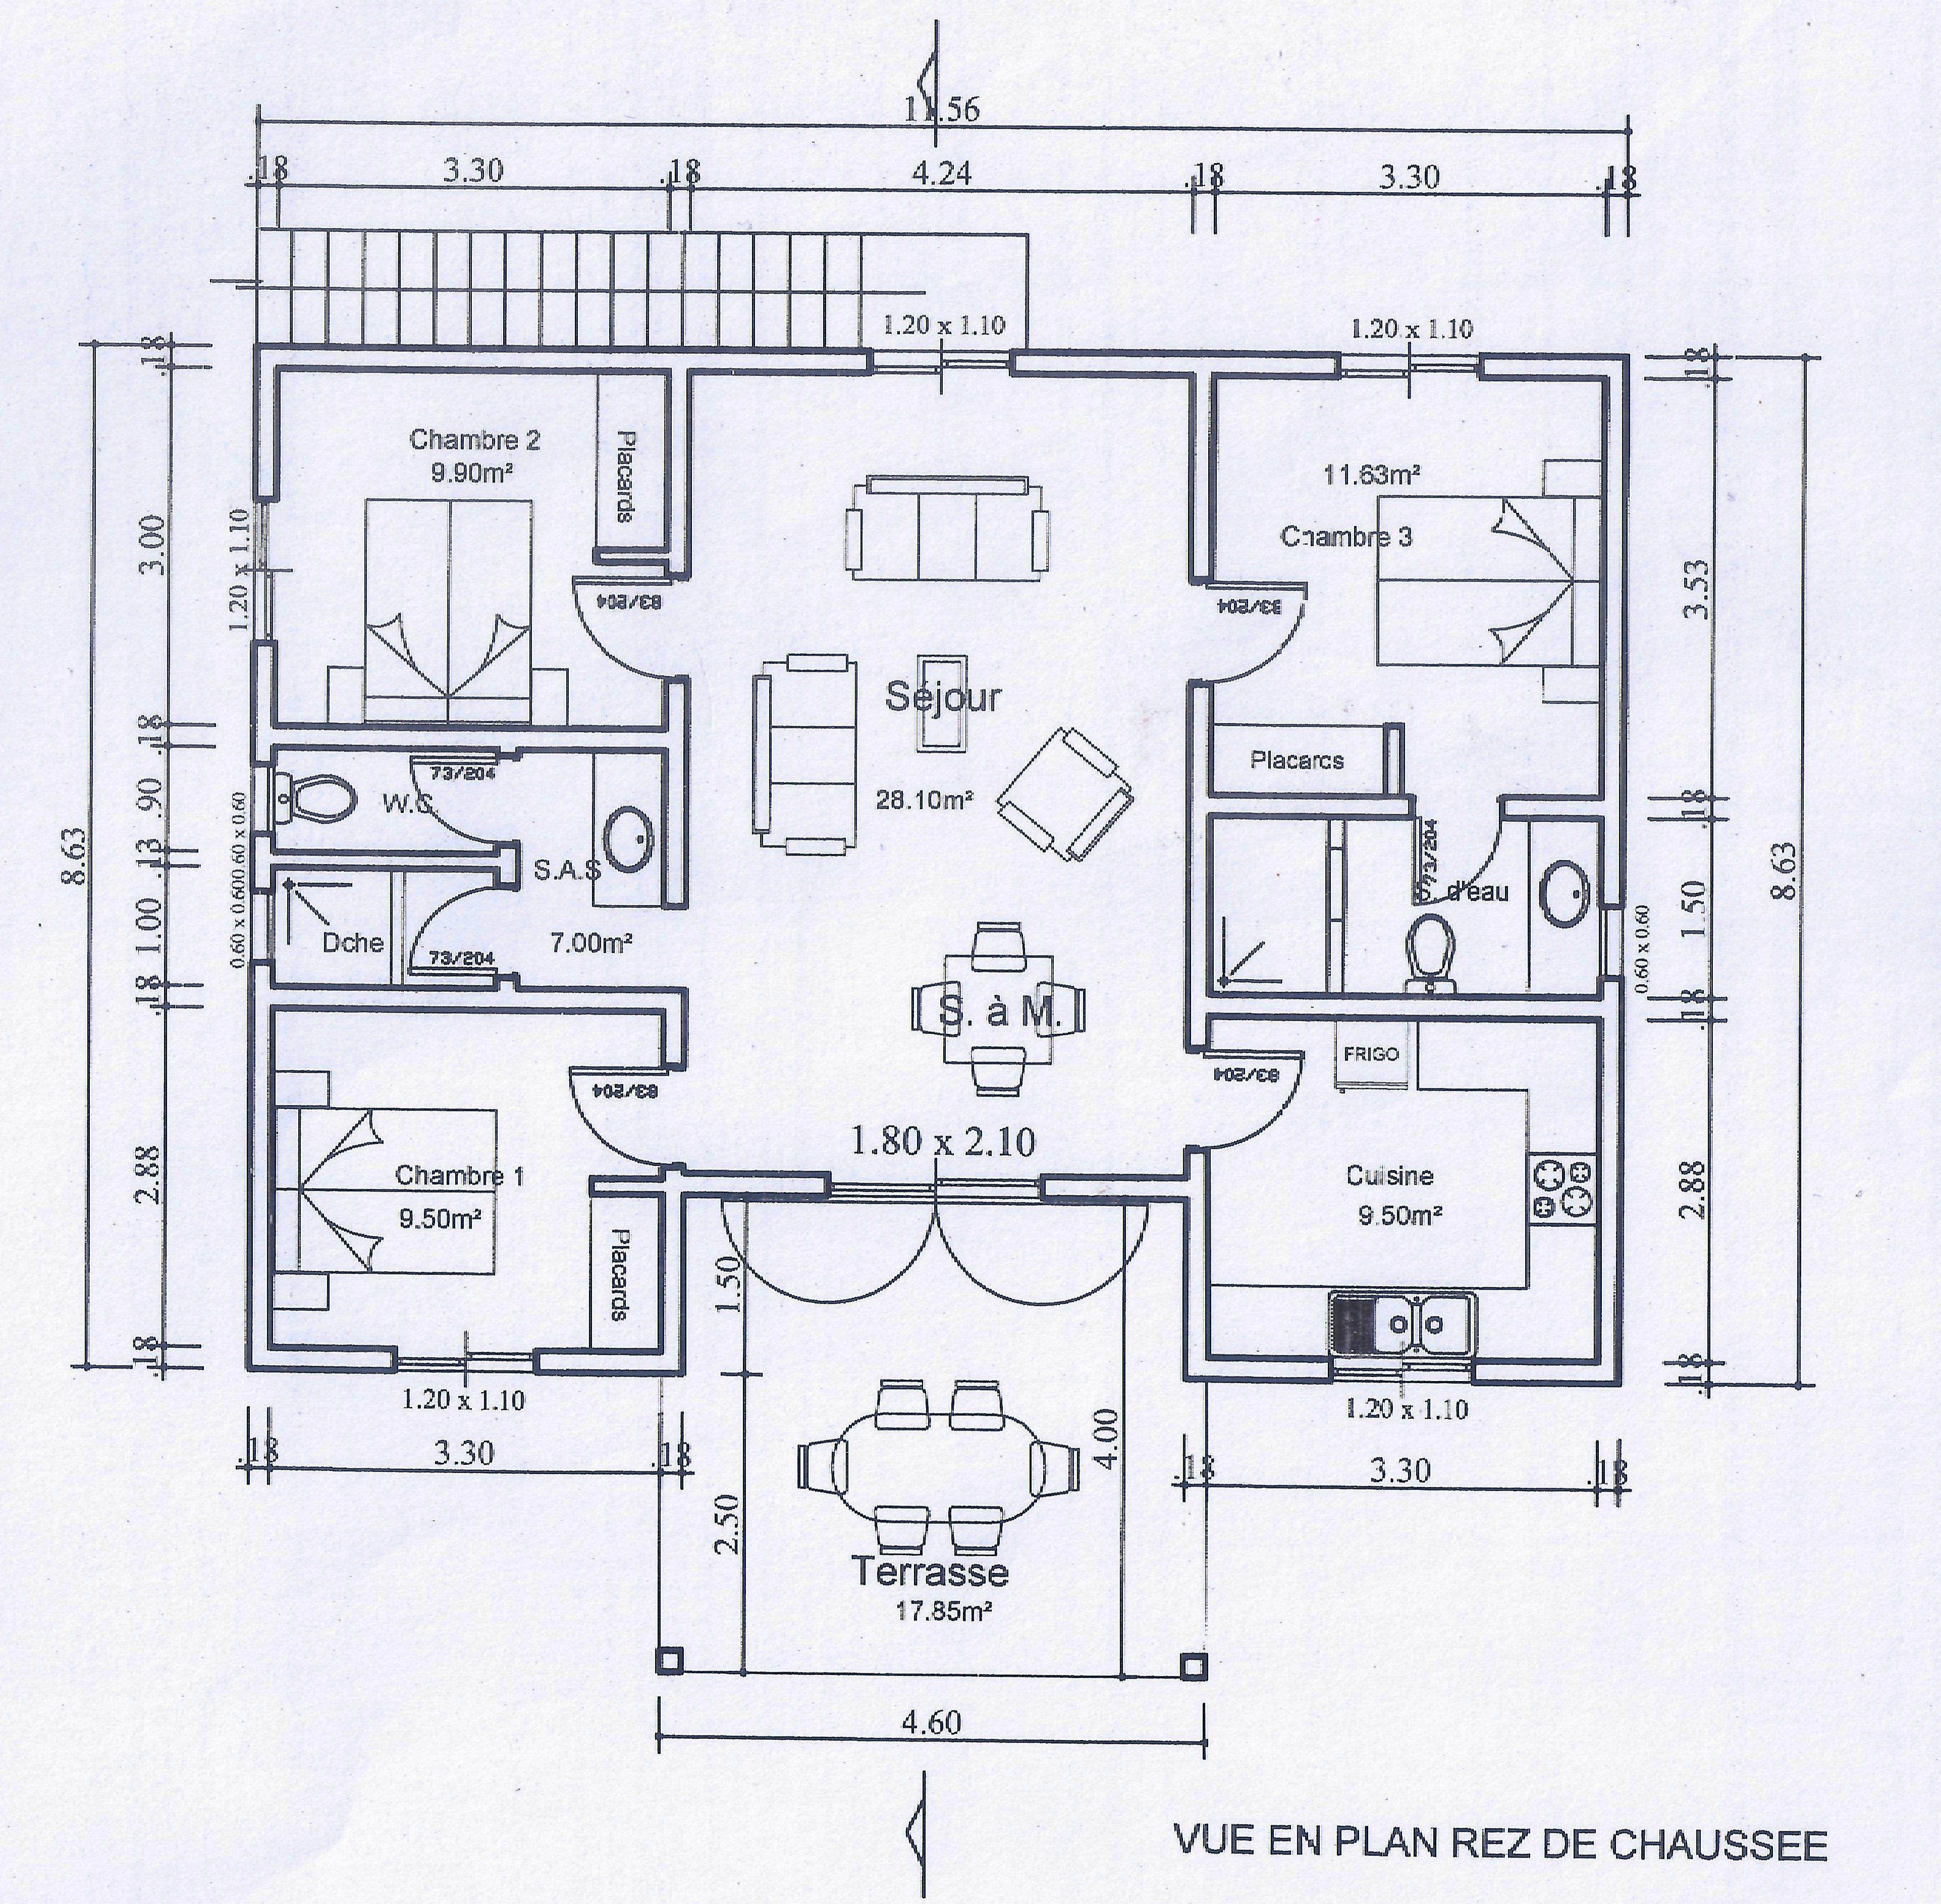 plan maison senegal  Free house plans, House plans, Floor plans